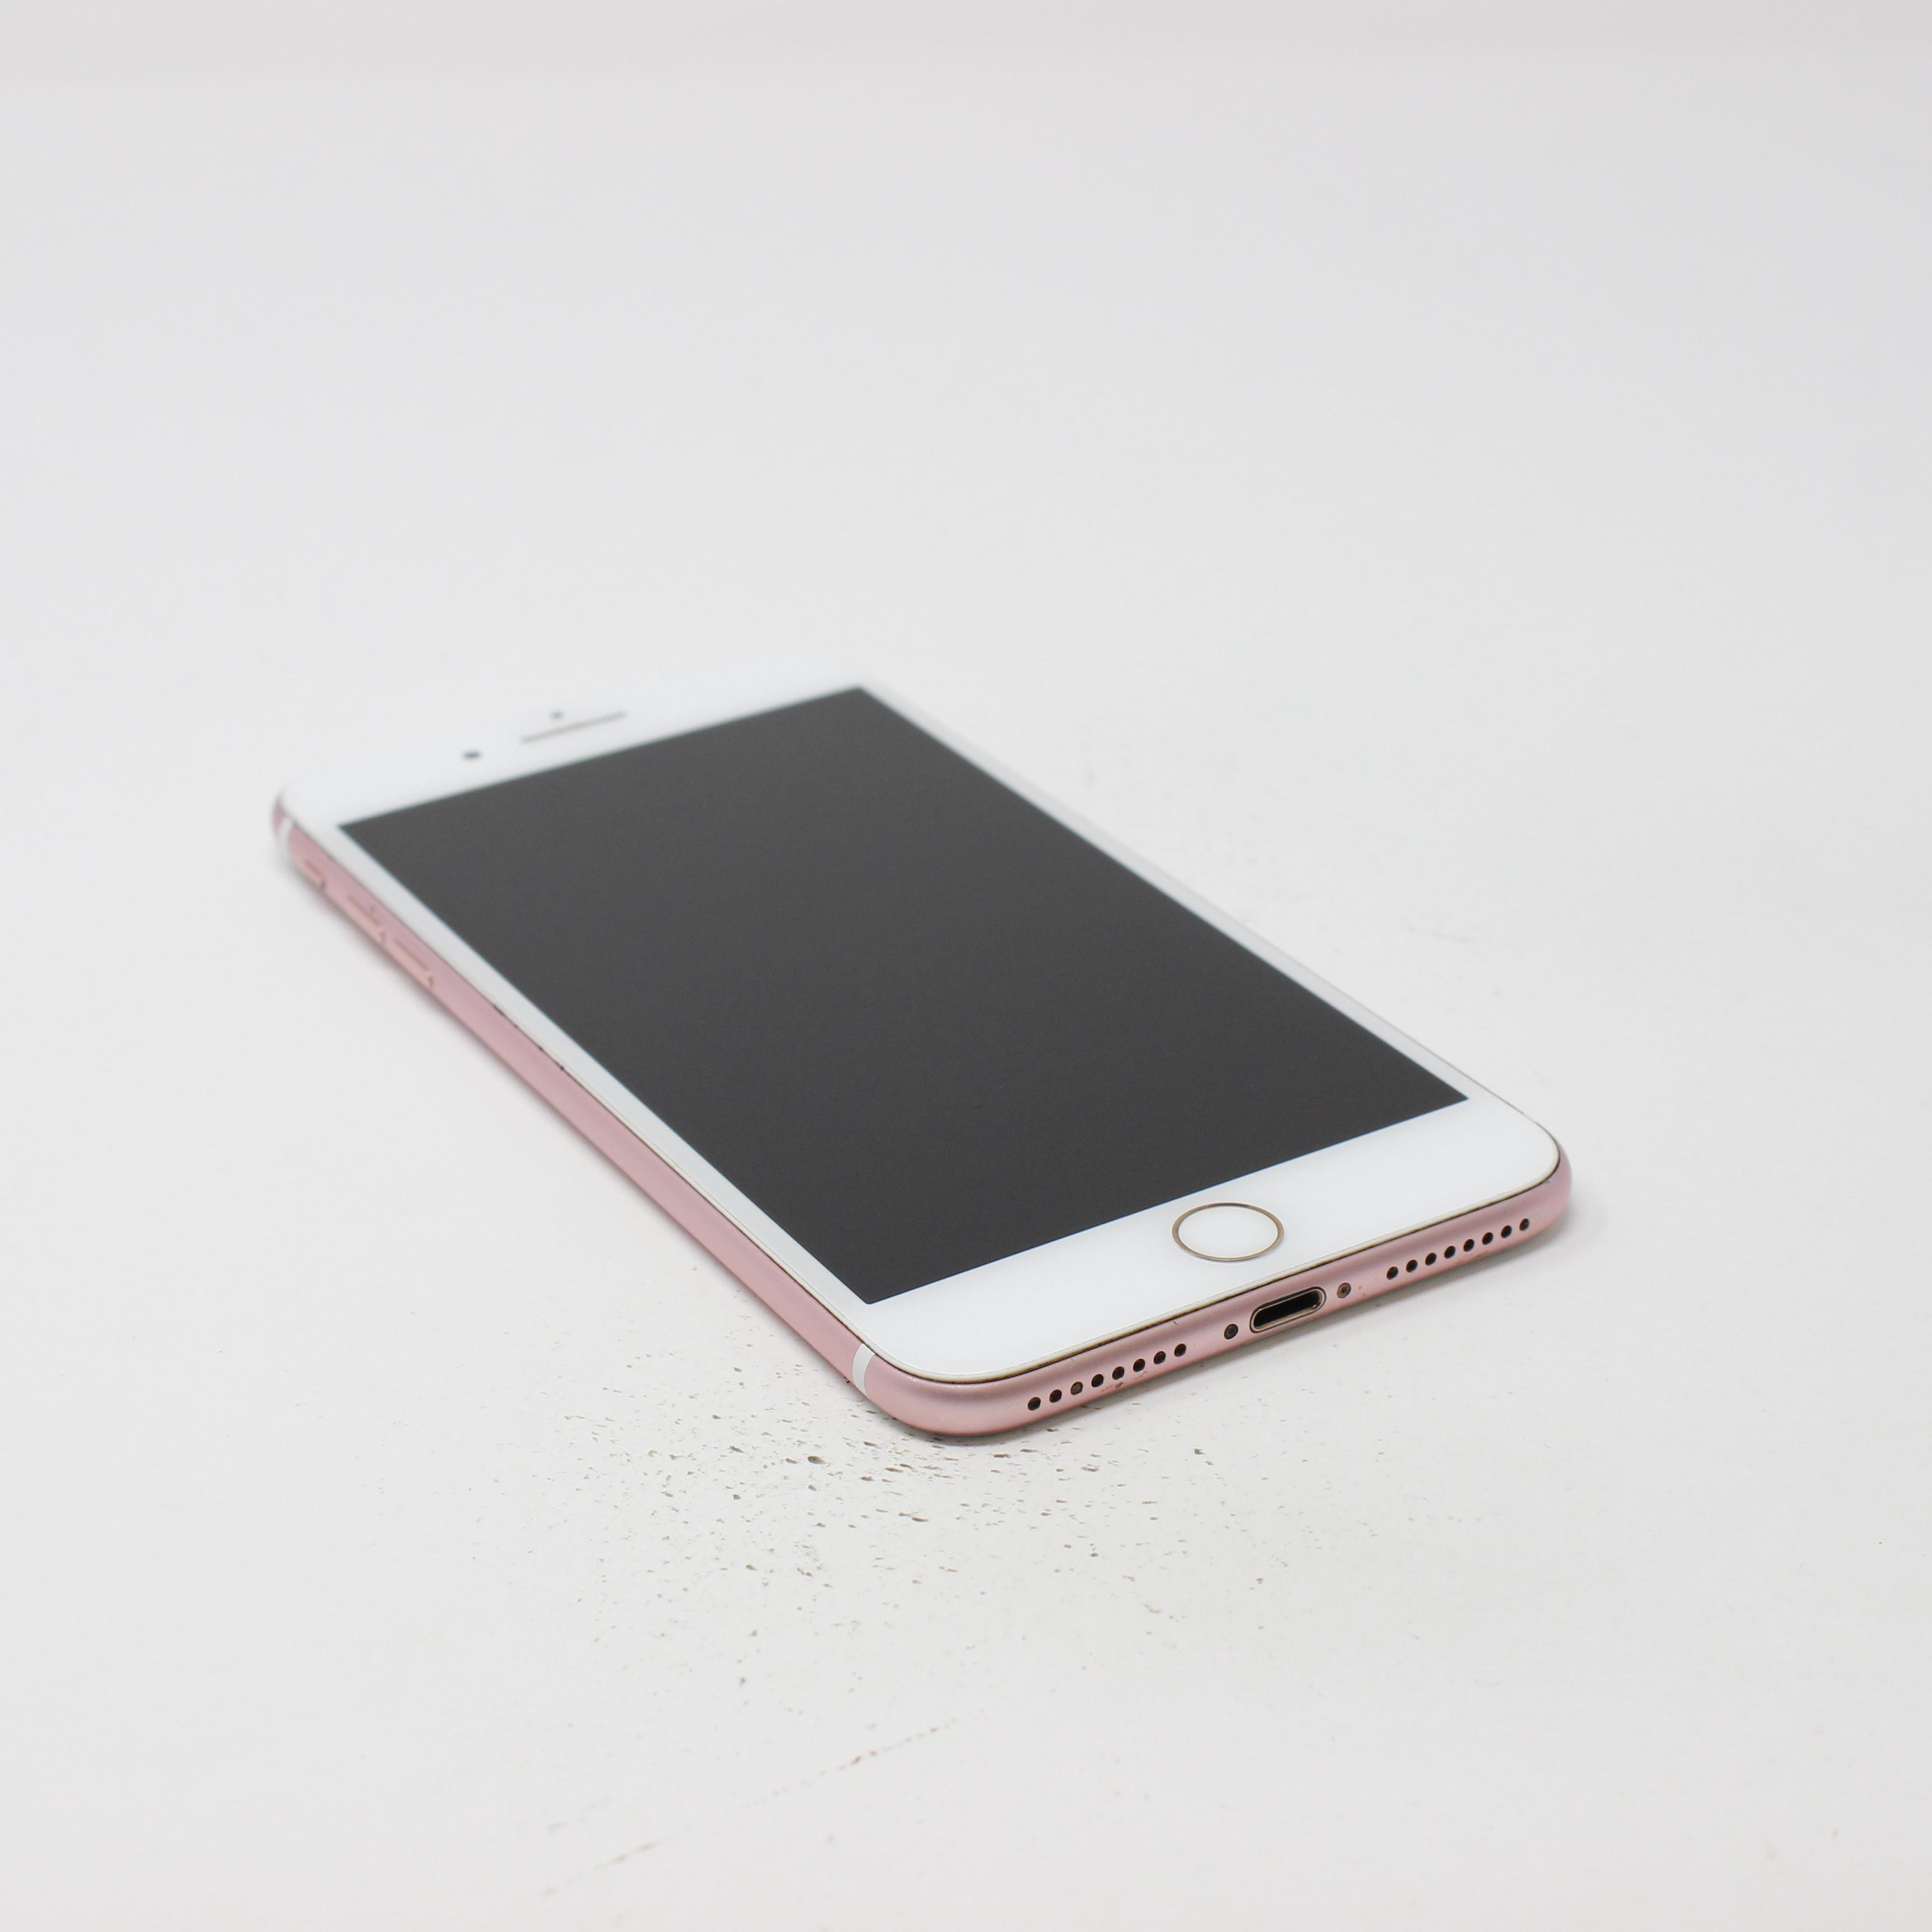 iPhone 7 Plus 32GB Rose Gold - Verizon photo 5 | UpTradeit.com